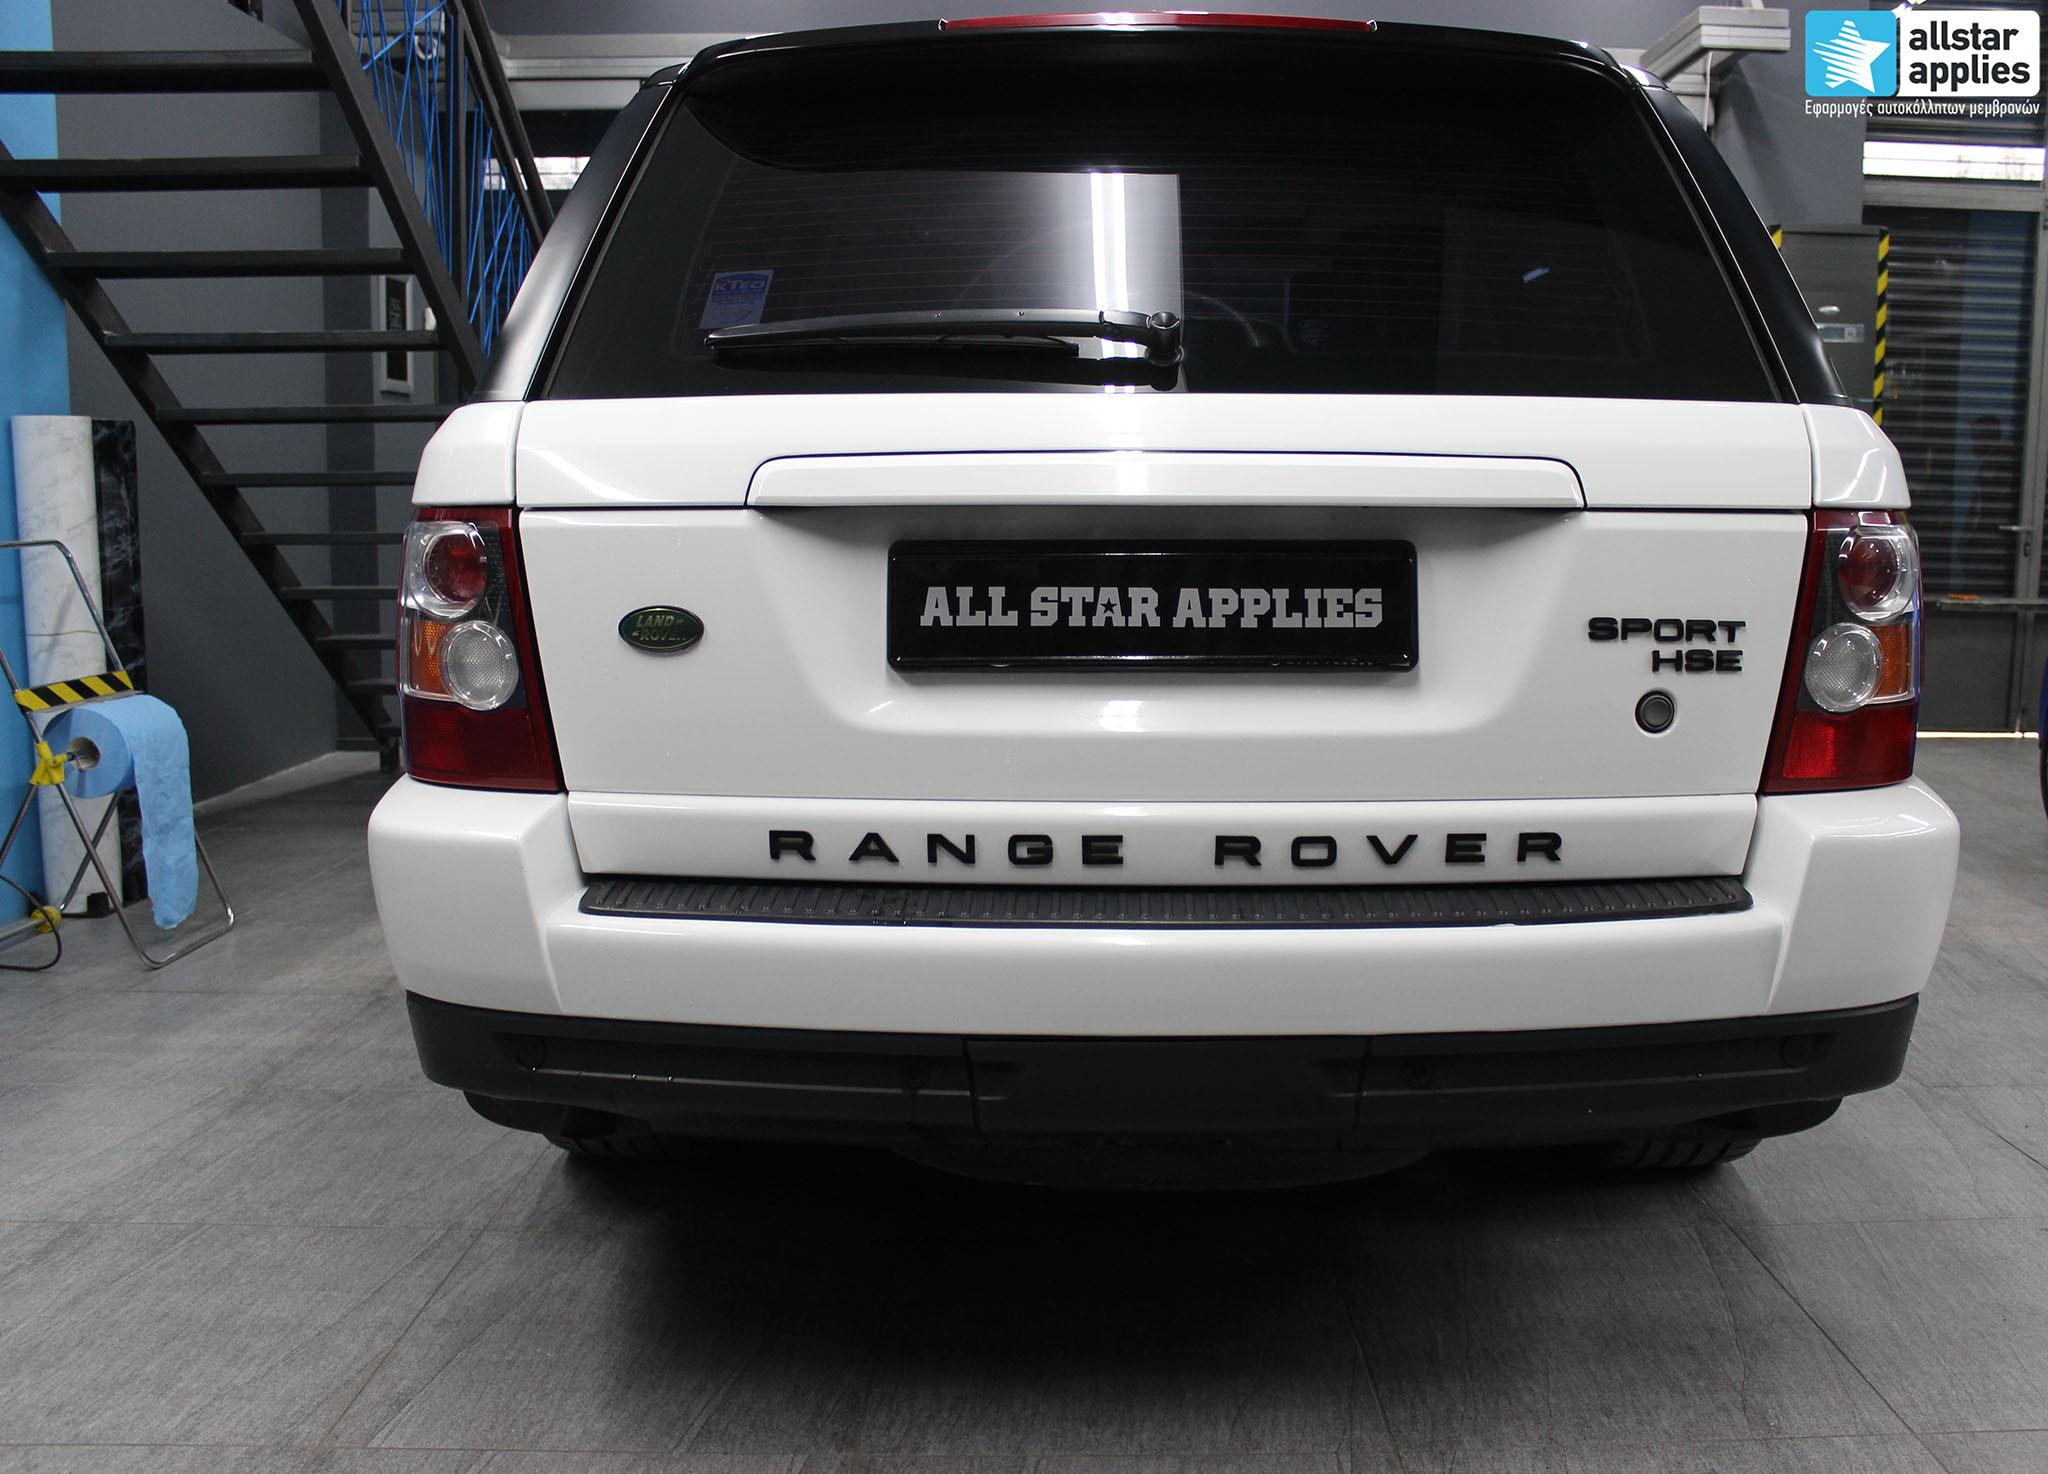 Range Rover – White Metallic (6)